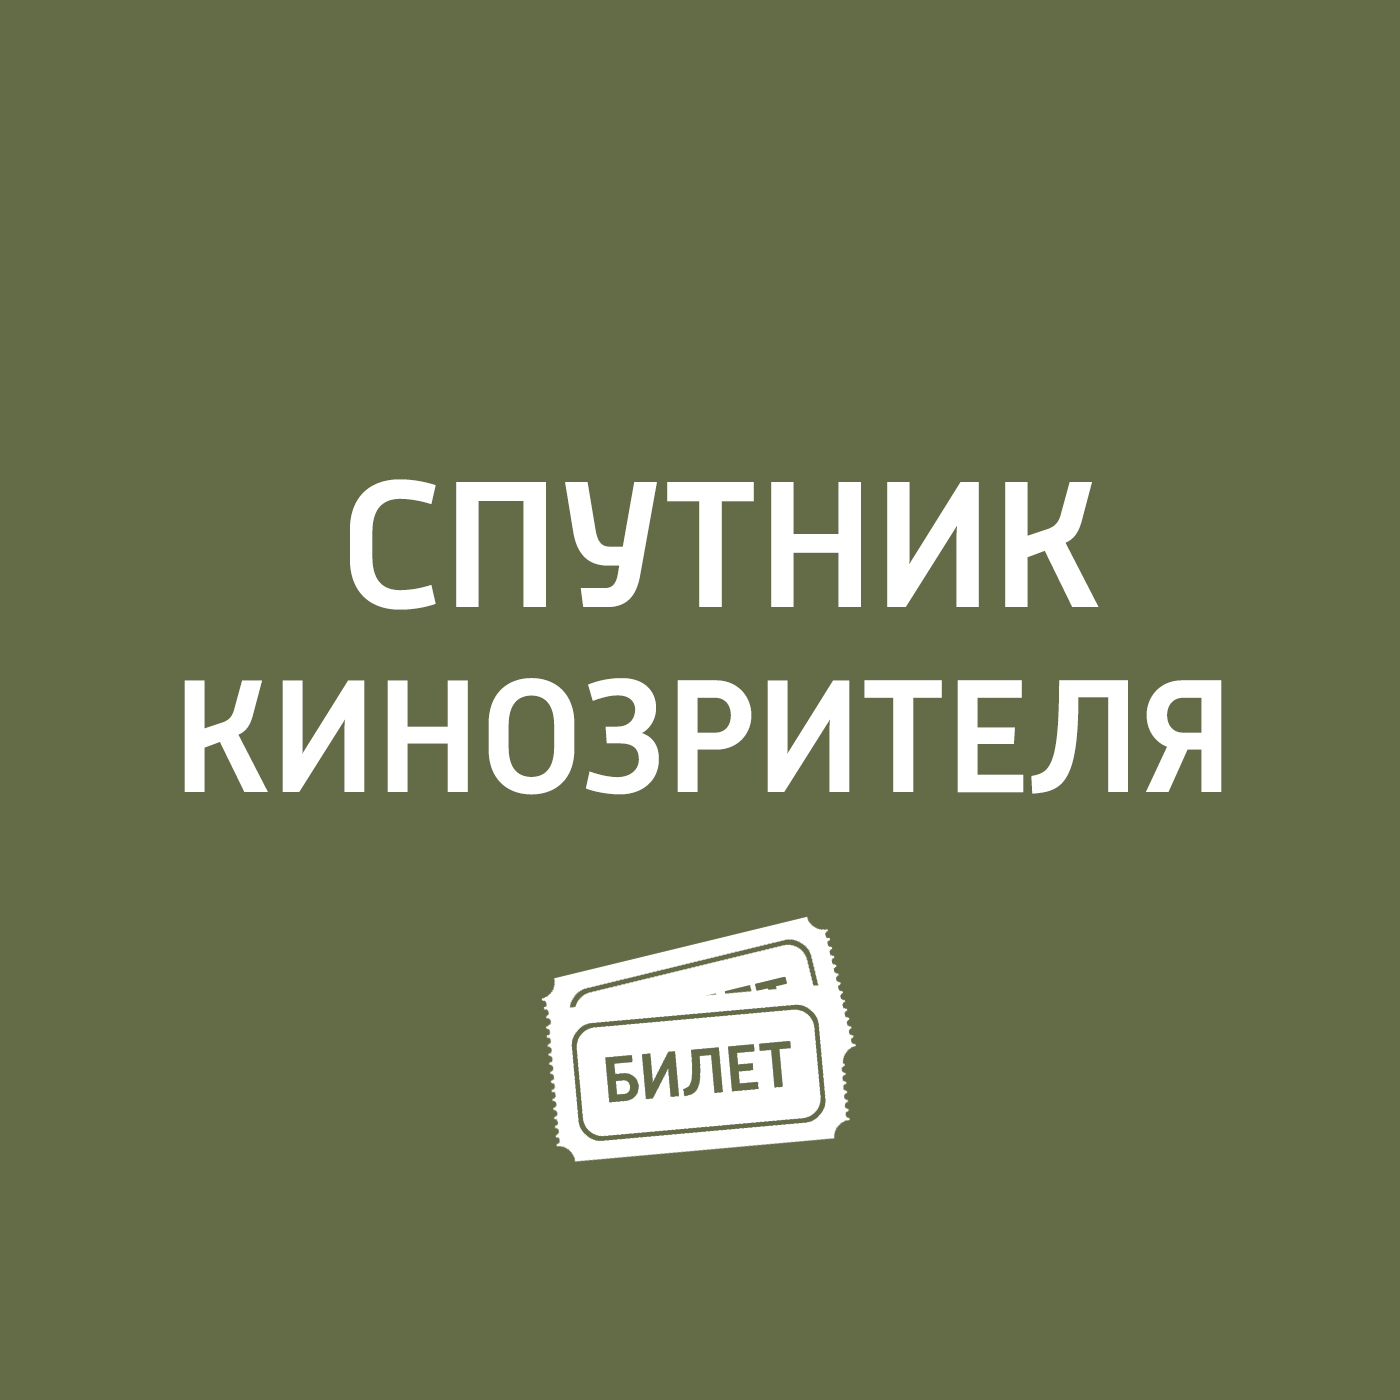 Антон Долин Памяти Милоша Формана антон долин итоги премии оскар 2017